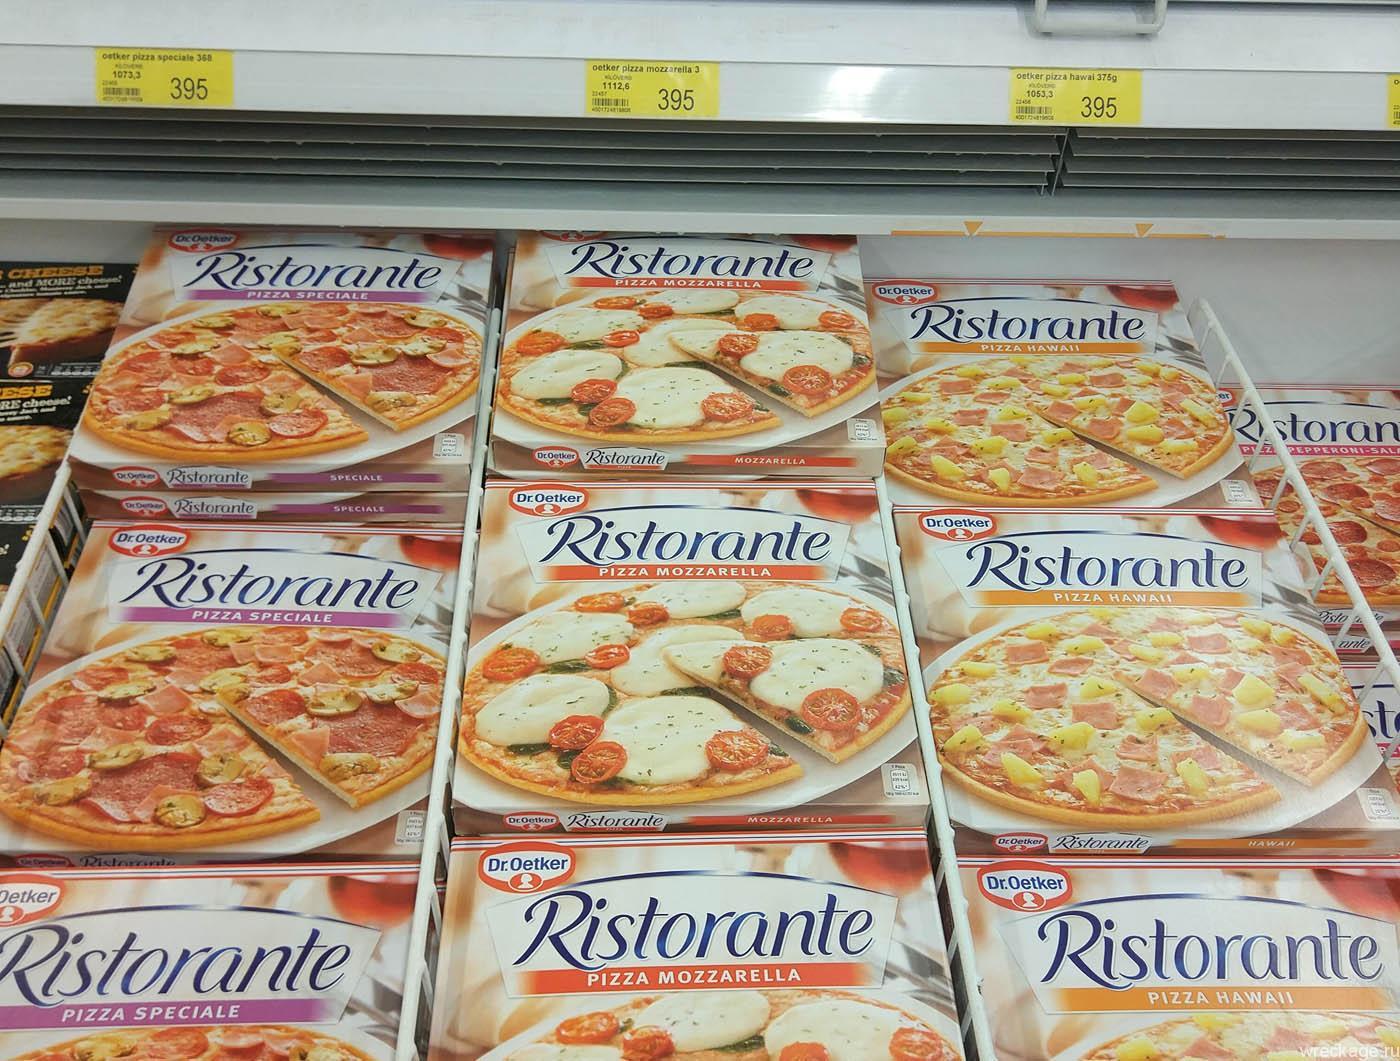 цены на пиццу в исландии